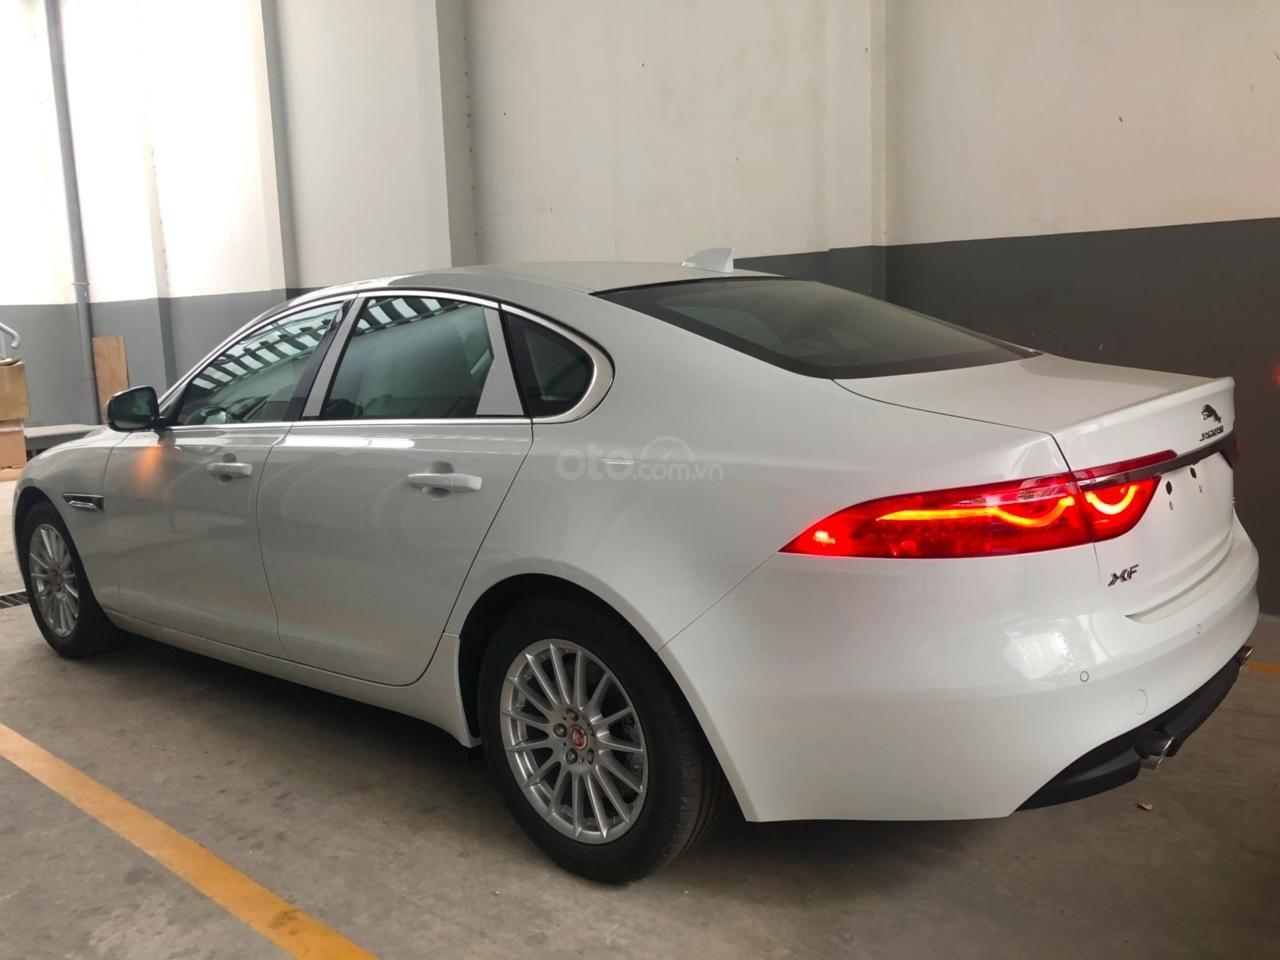 Bán Jaguar XF Prestige 2019 màu trắng, đỏ, giao ngay bảo hành chính hãng-3